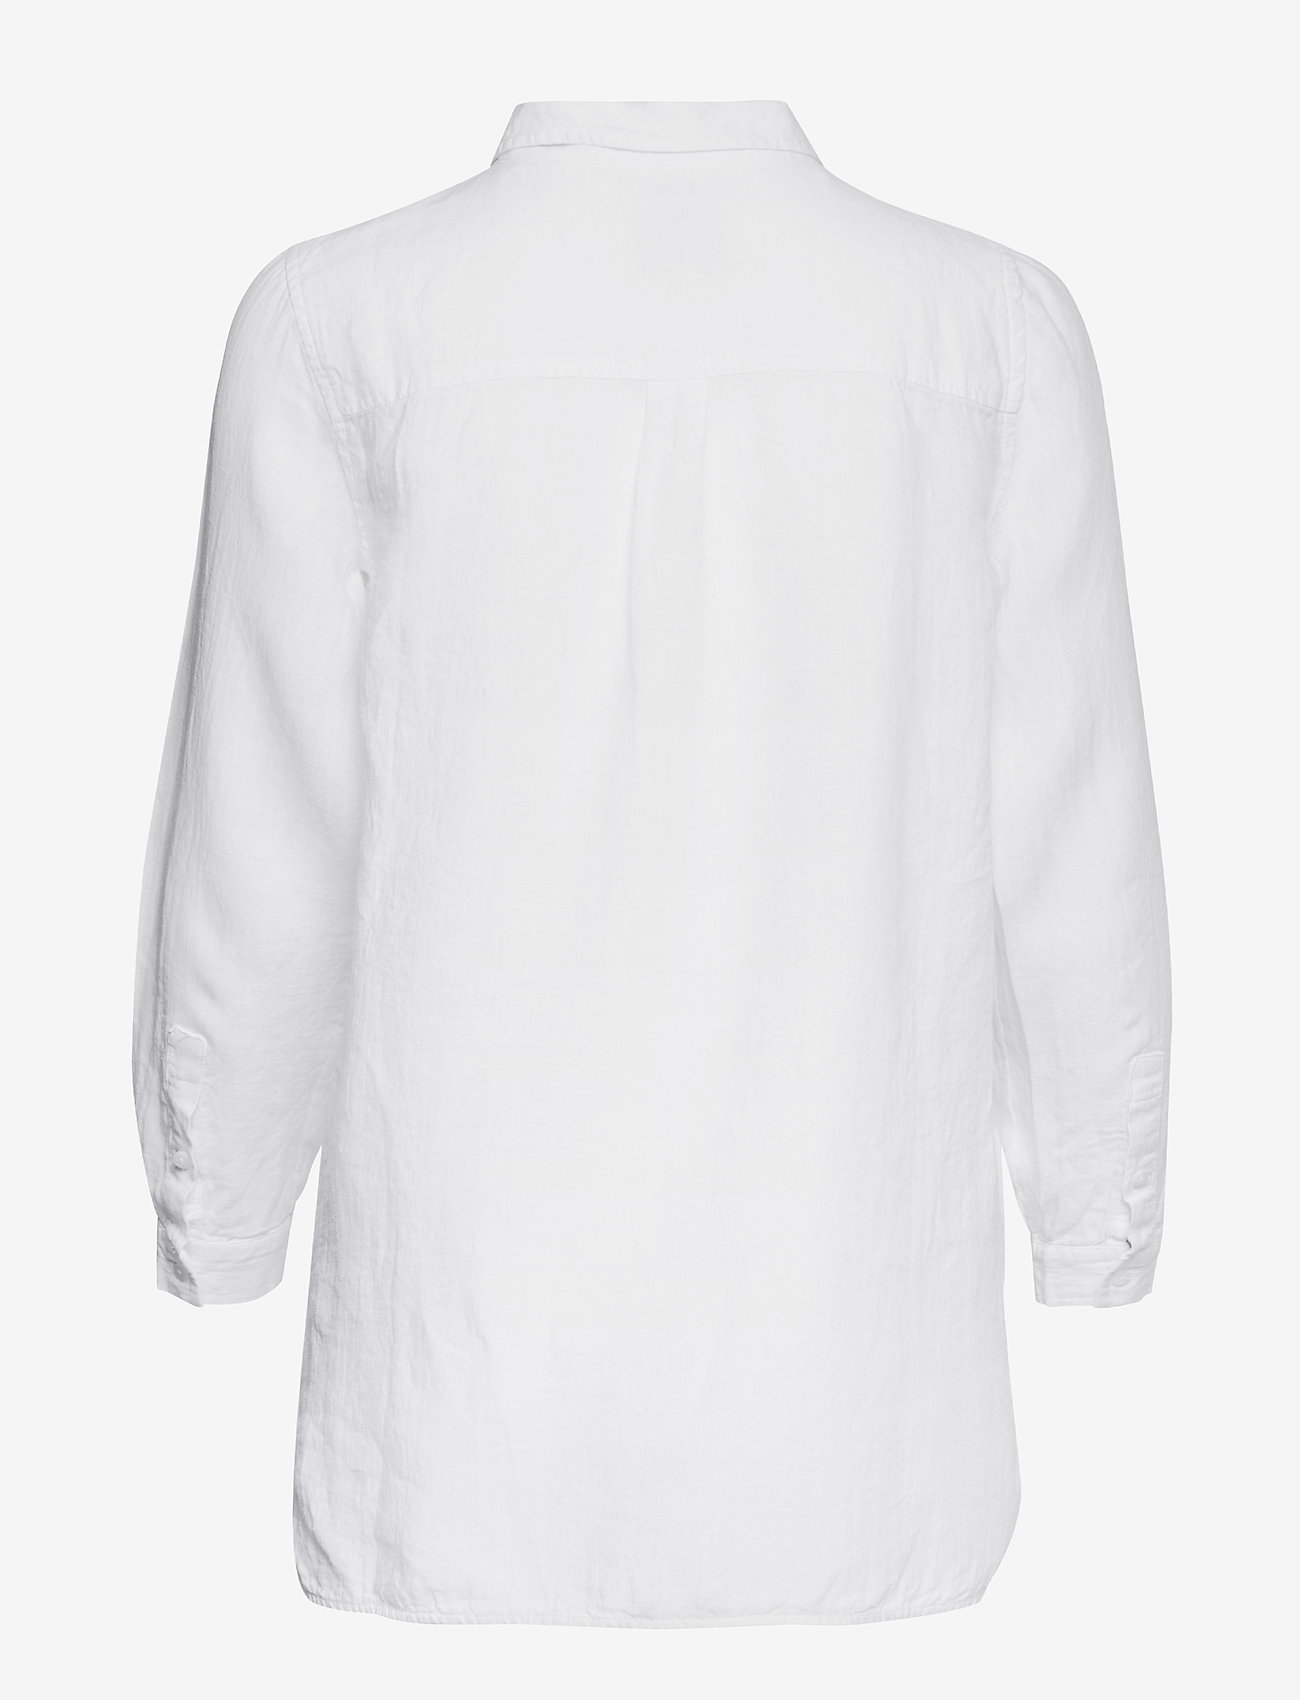 Part Two Kiva SH - Blouses & Shirts BRIGHT WHITE